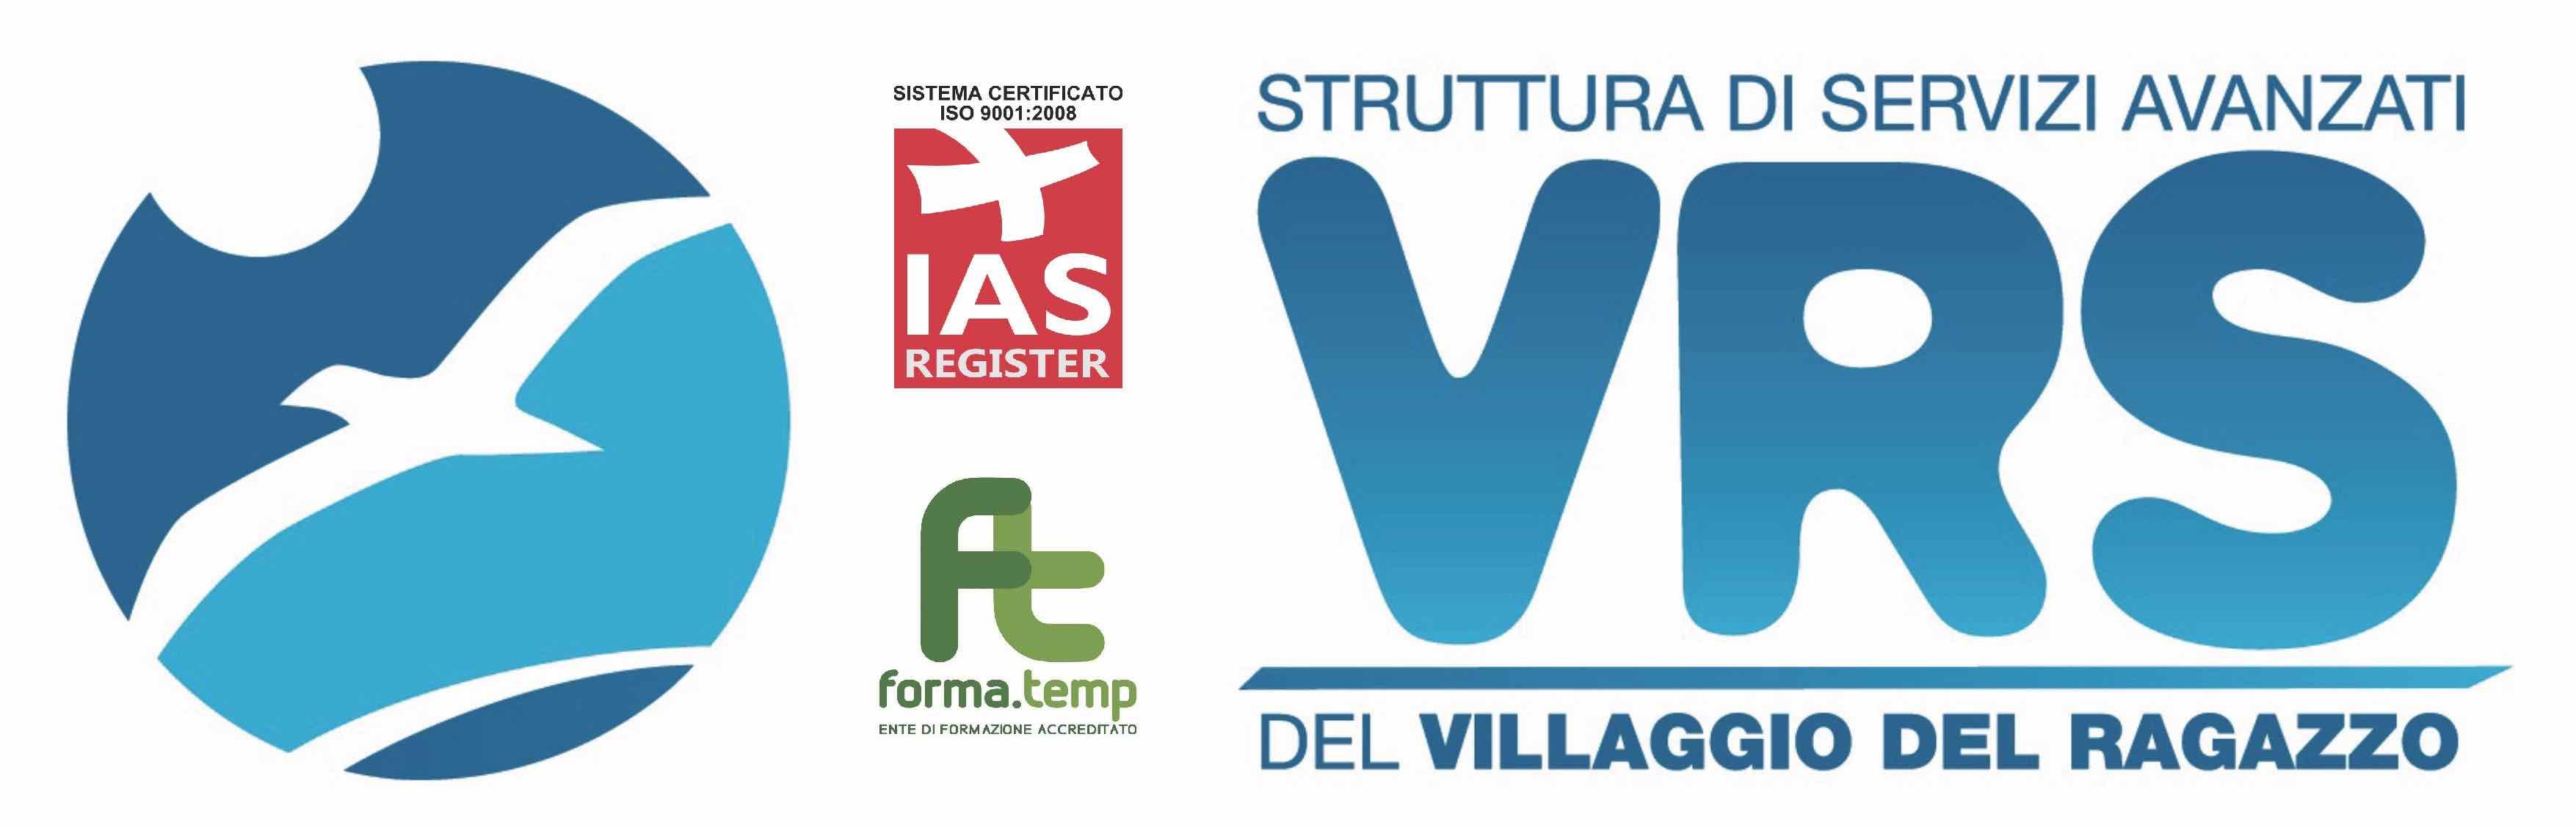 Tutti i corsi di formazione a cura di VRS in partenza da settembre 2018 al Villaggio del Ragazzo